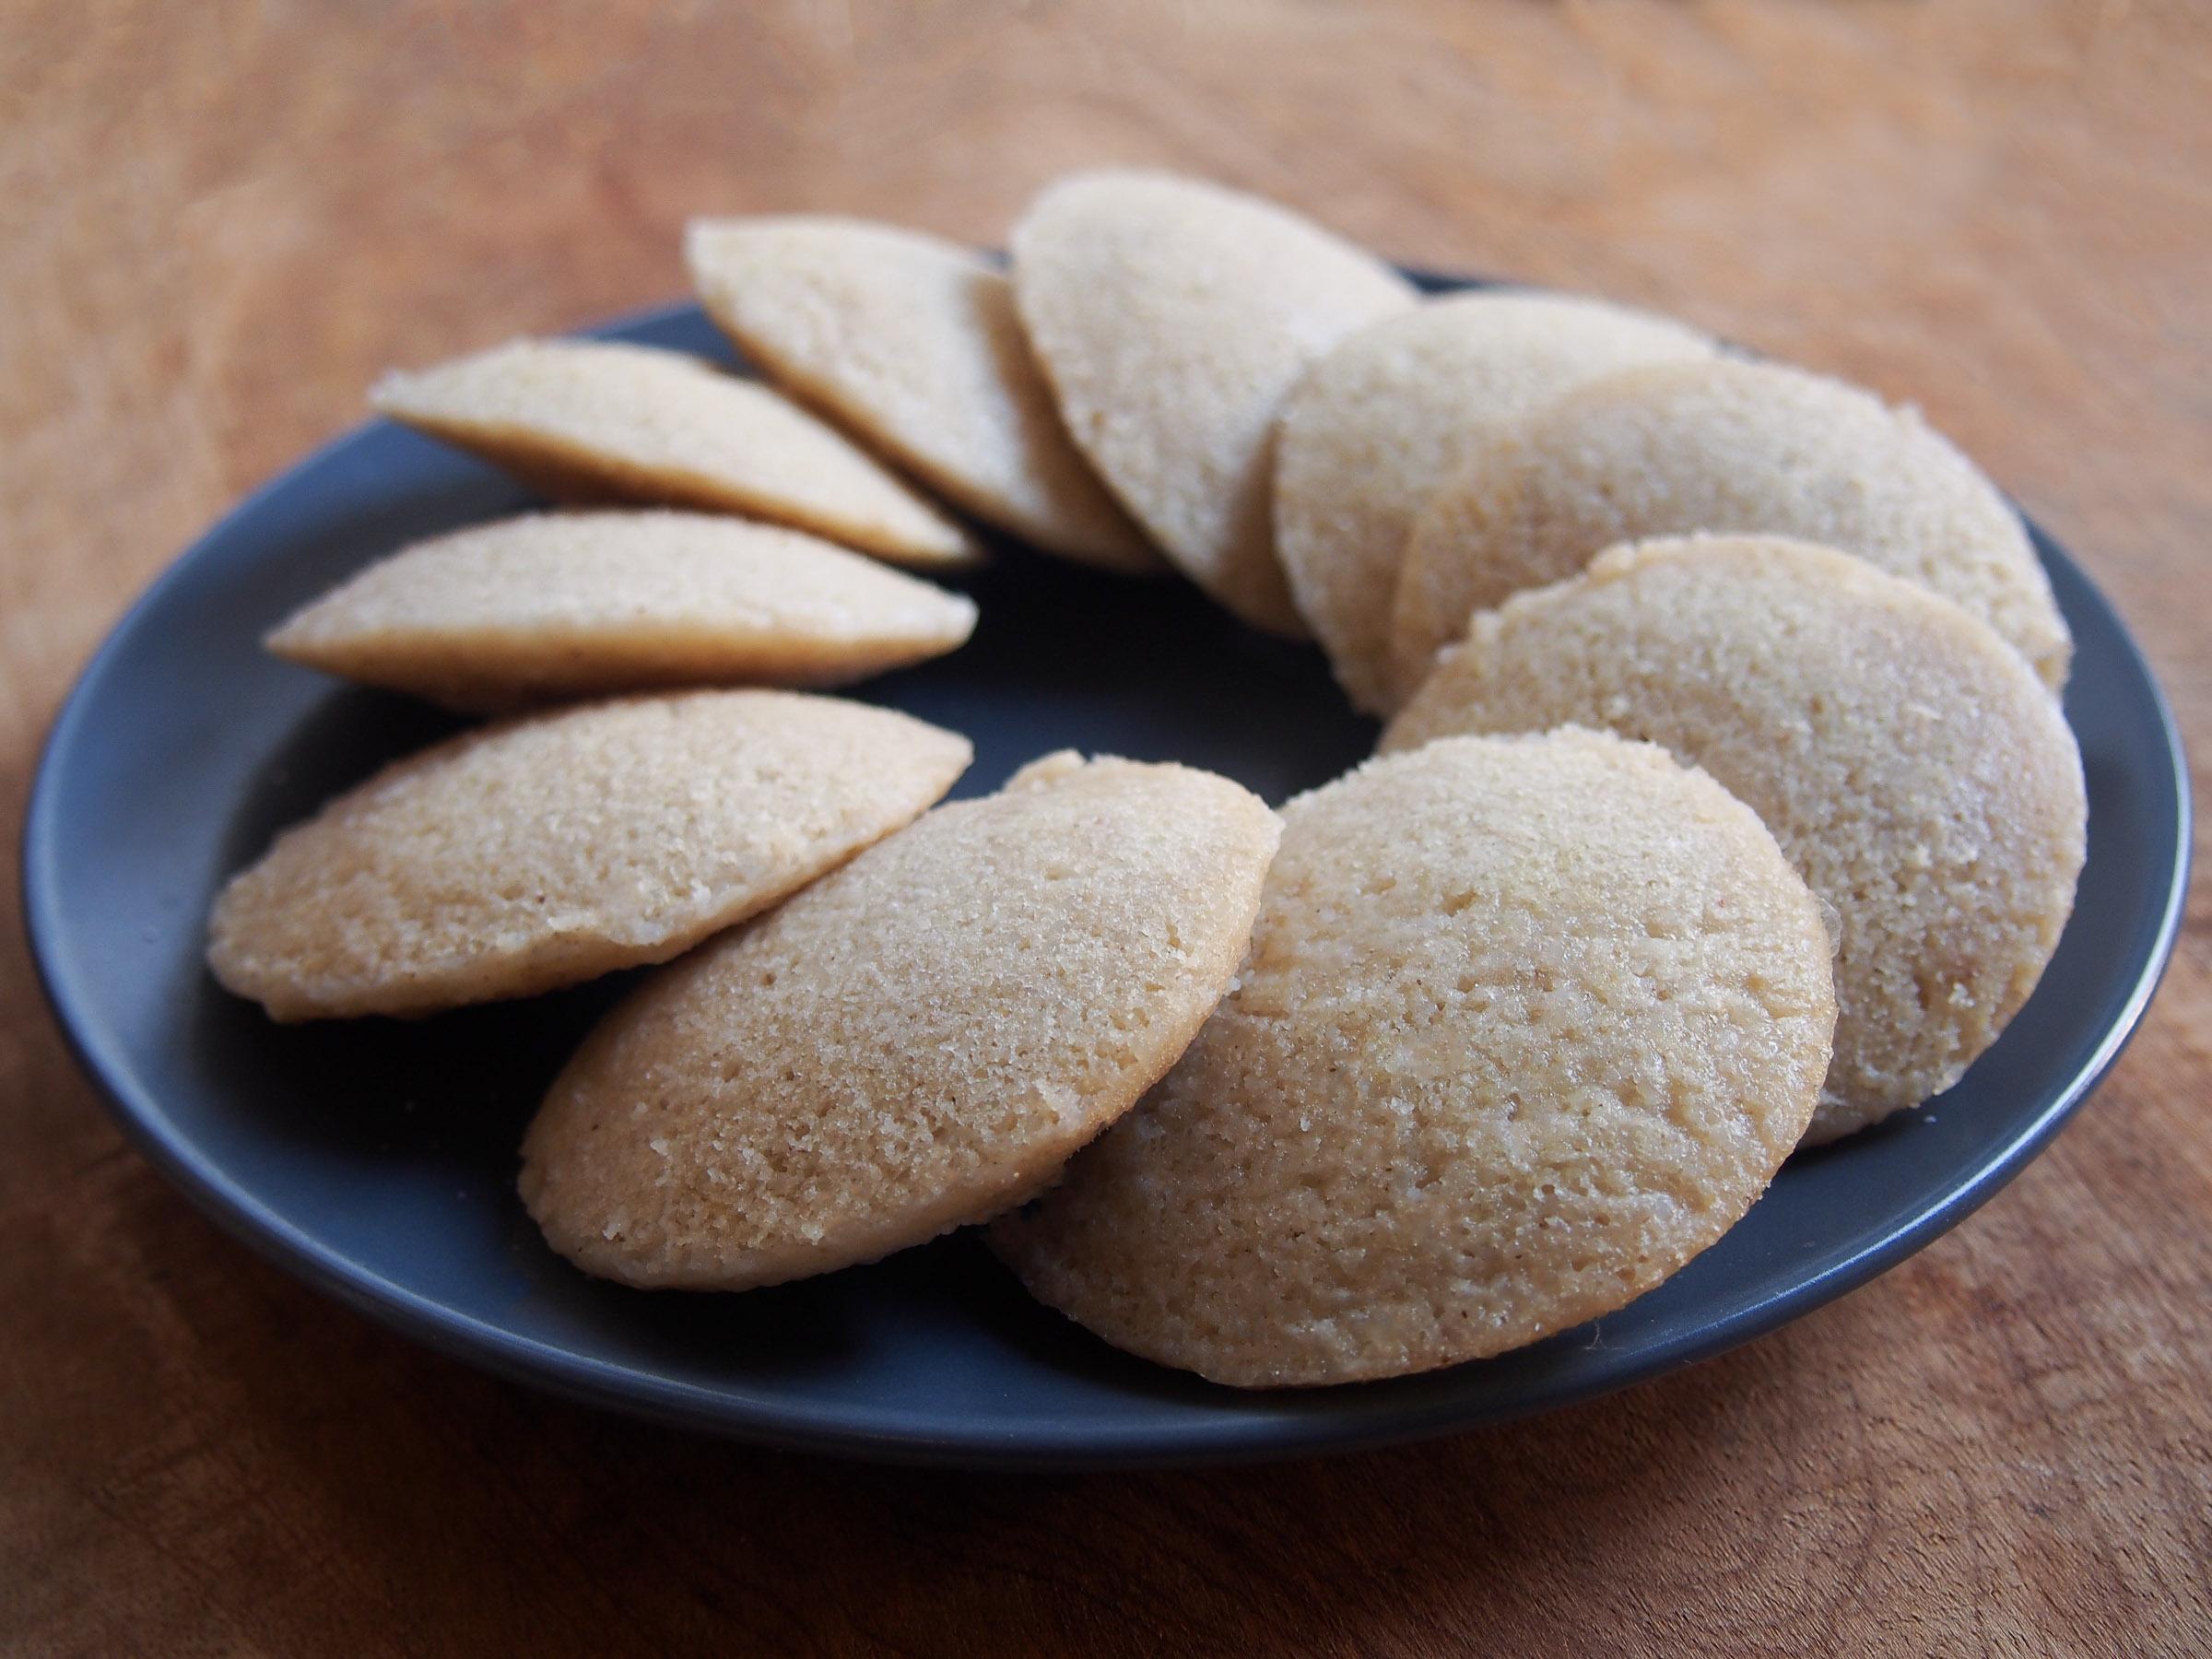 Idlis au riz long blanc de Camargue et aux lentilles corail (sans gluten)